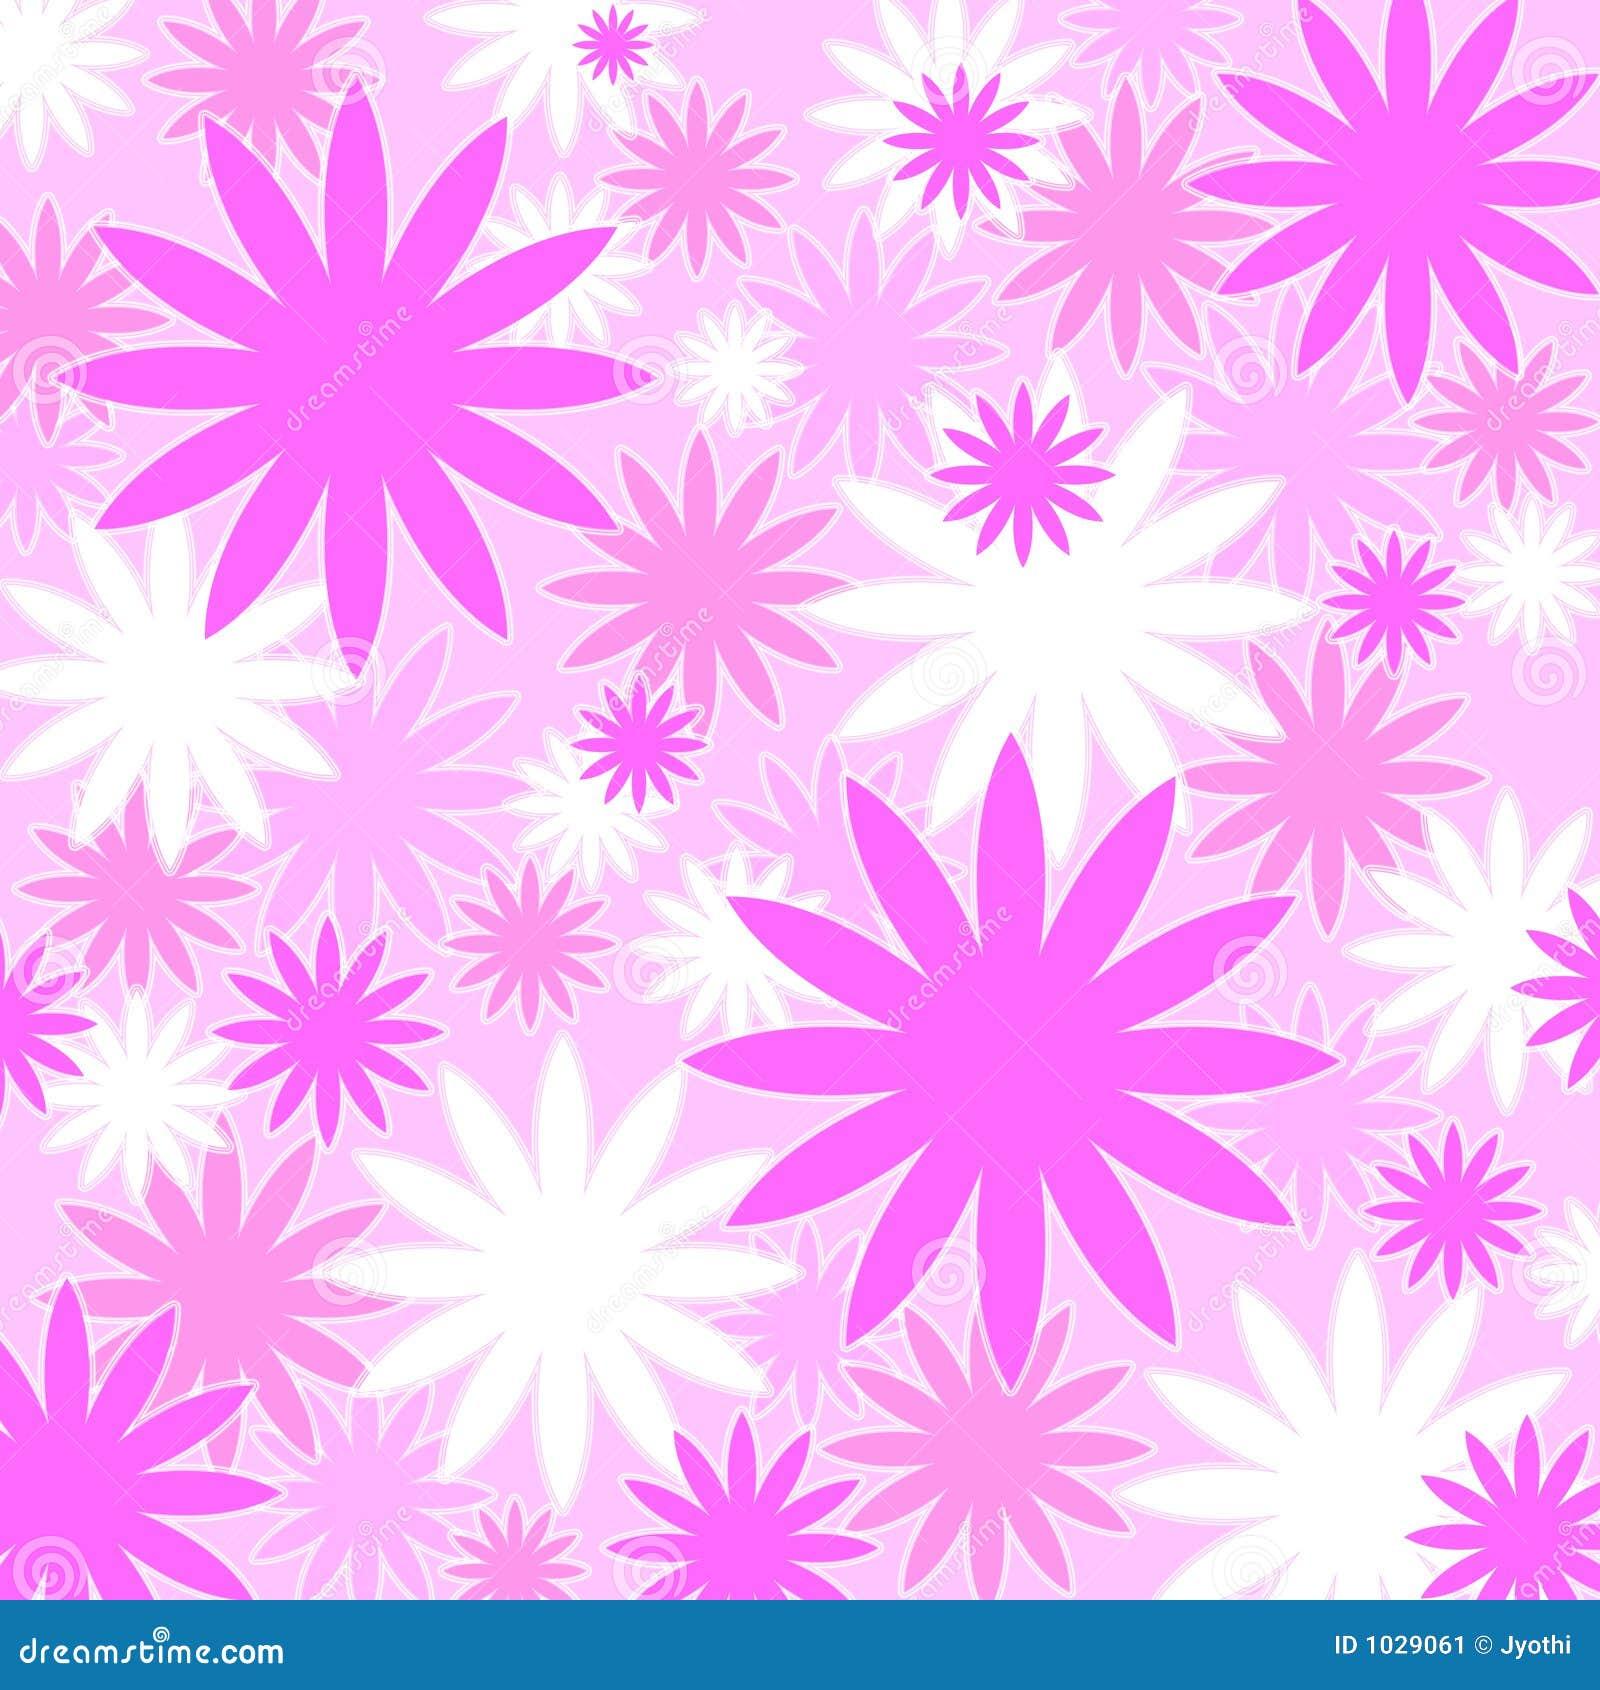 Pretty pink patterns - photo#48